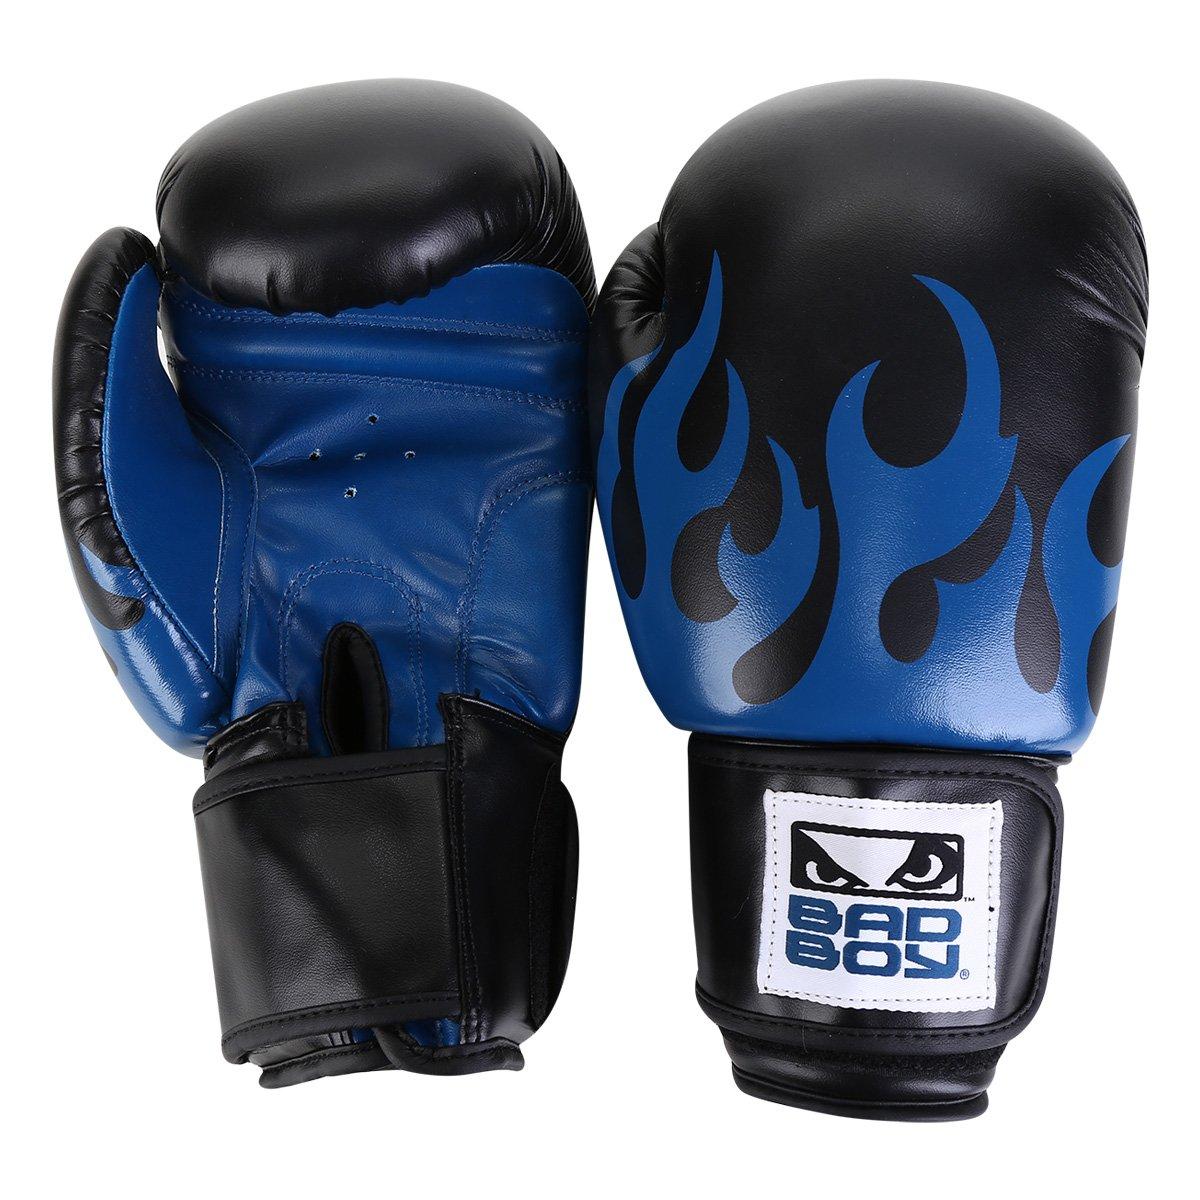 2c0e2170a Luva de Boxe Muay Bad Boy com Fogo